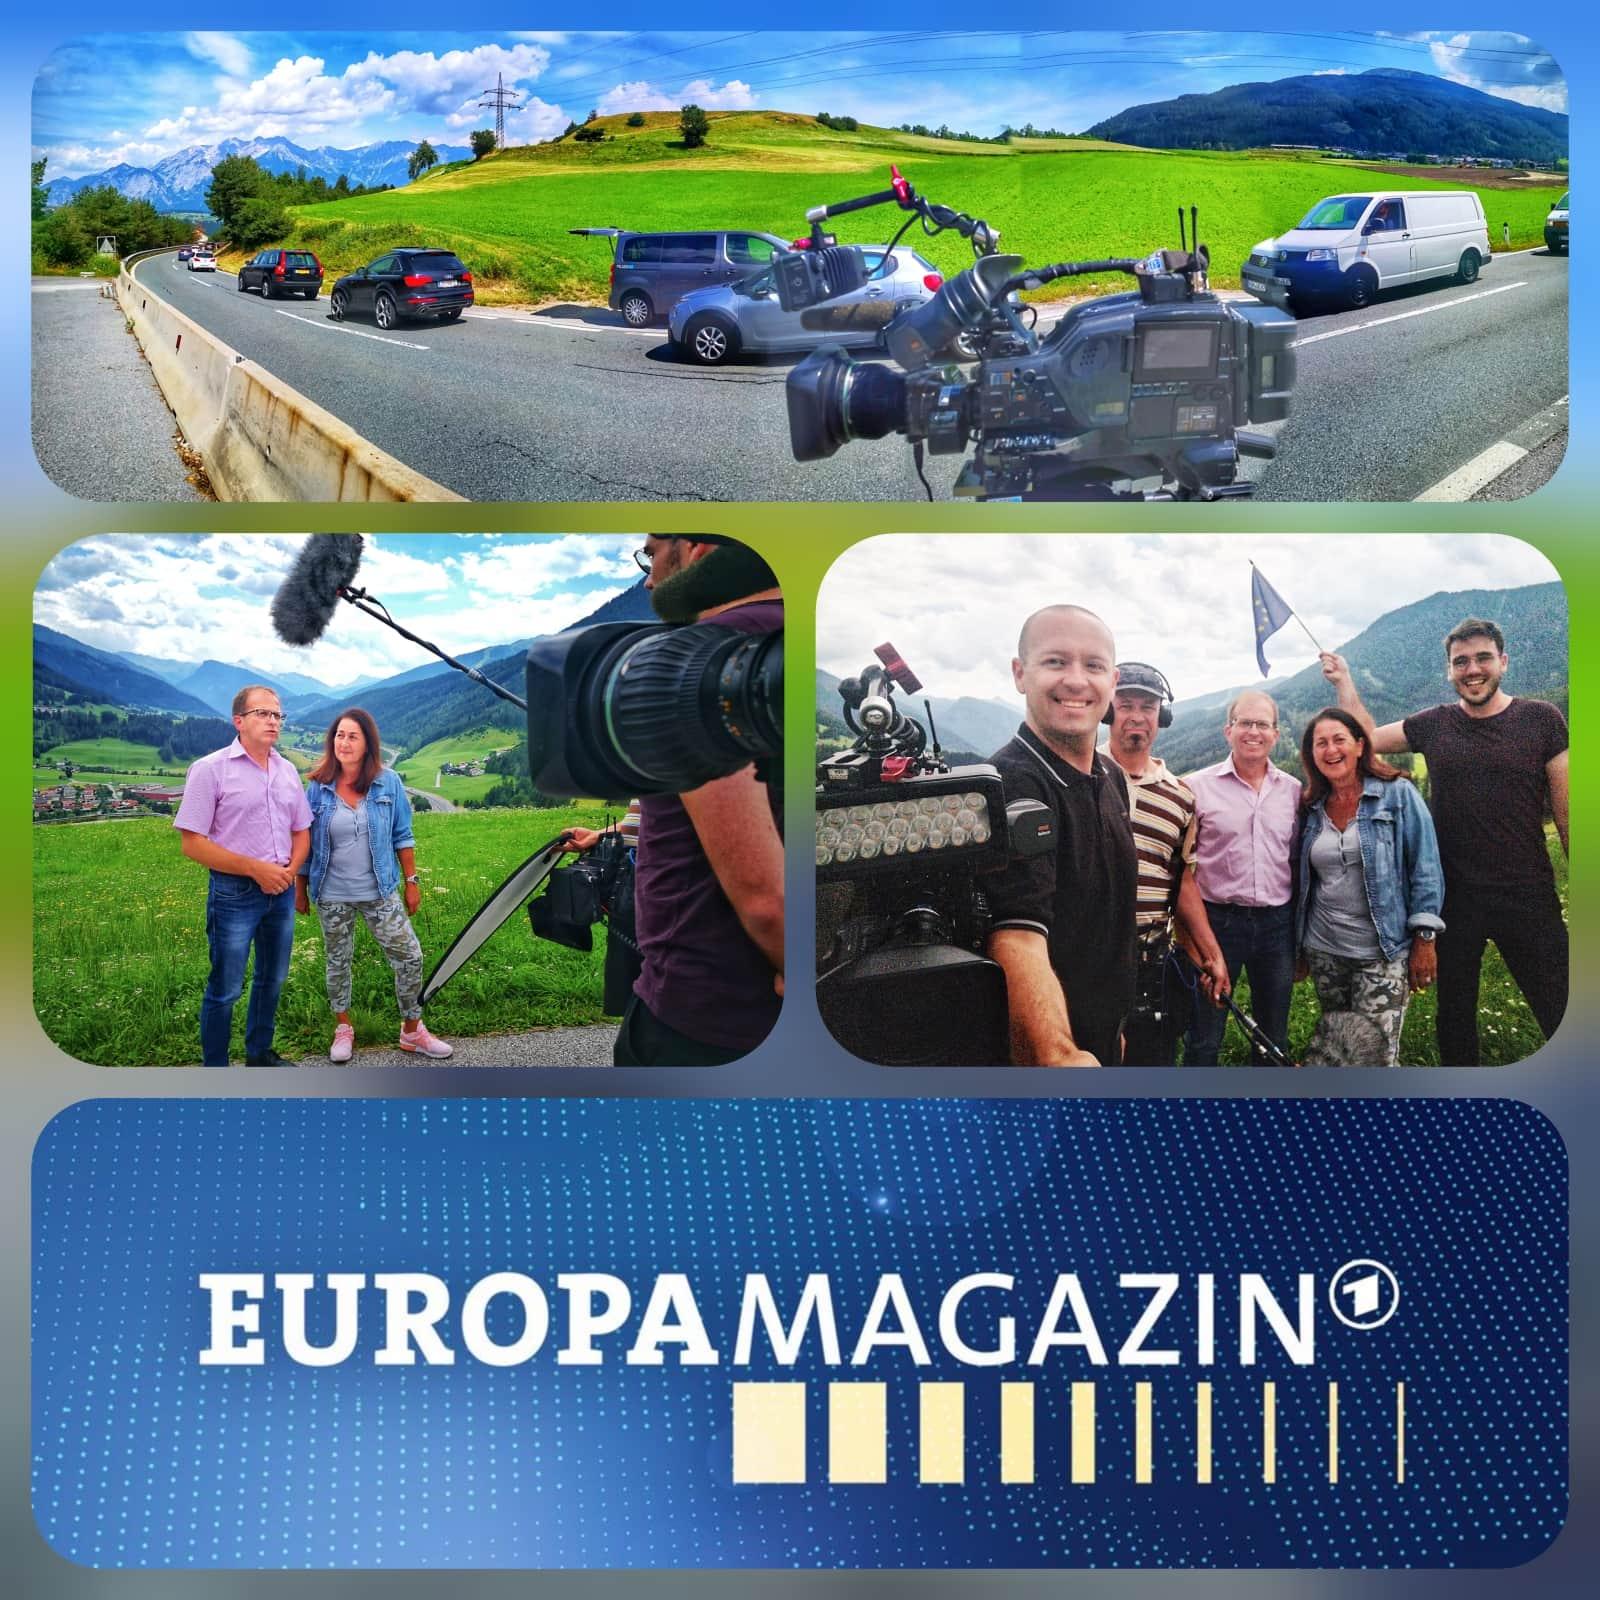 andreas felder kameramann dreharbeiten 05 NA - ARD Europamagazin